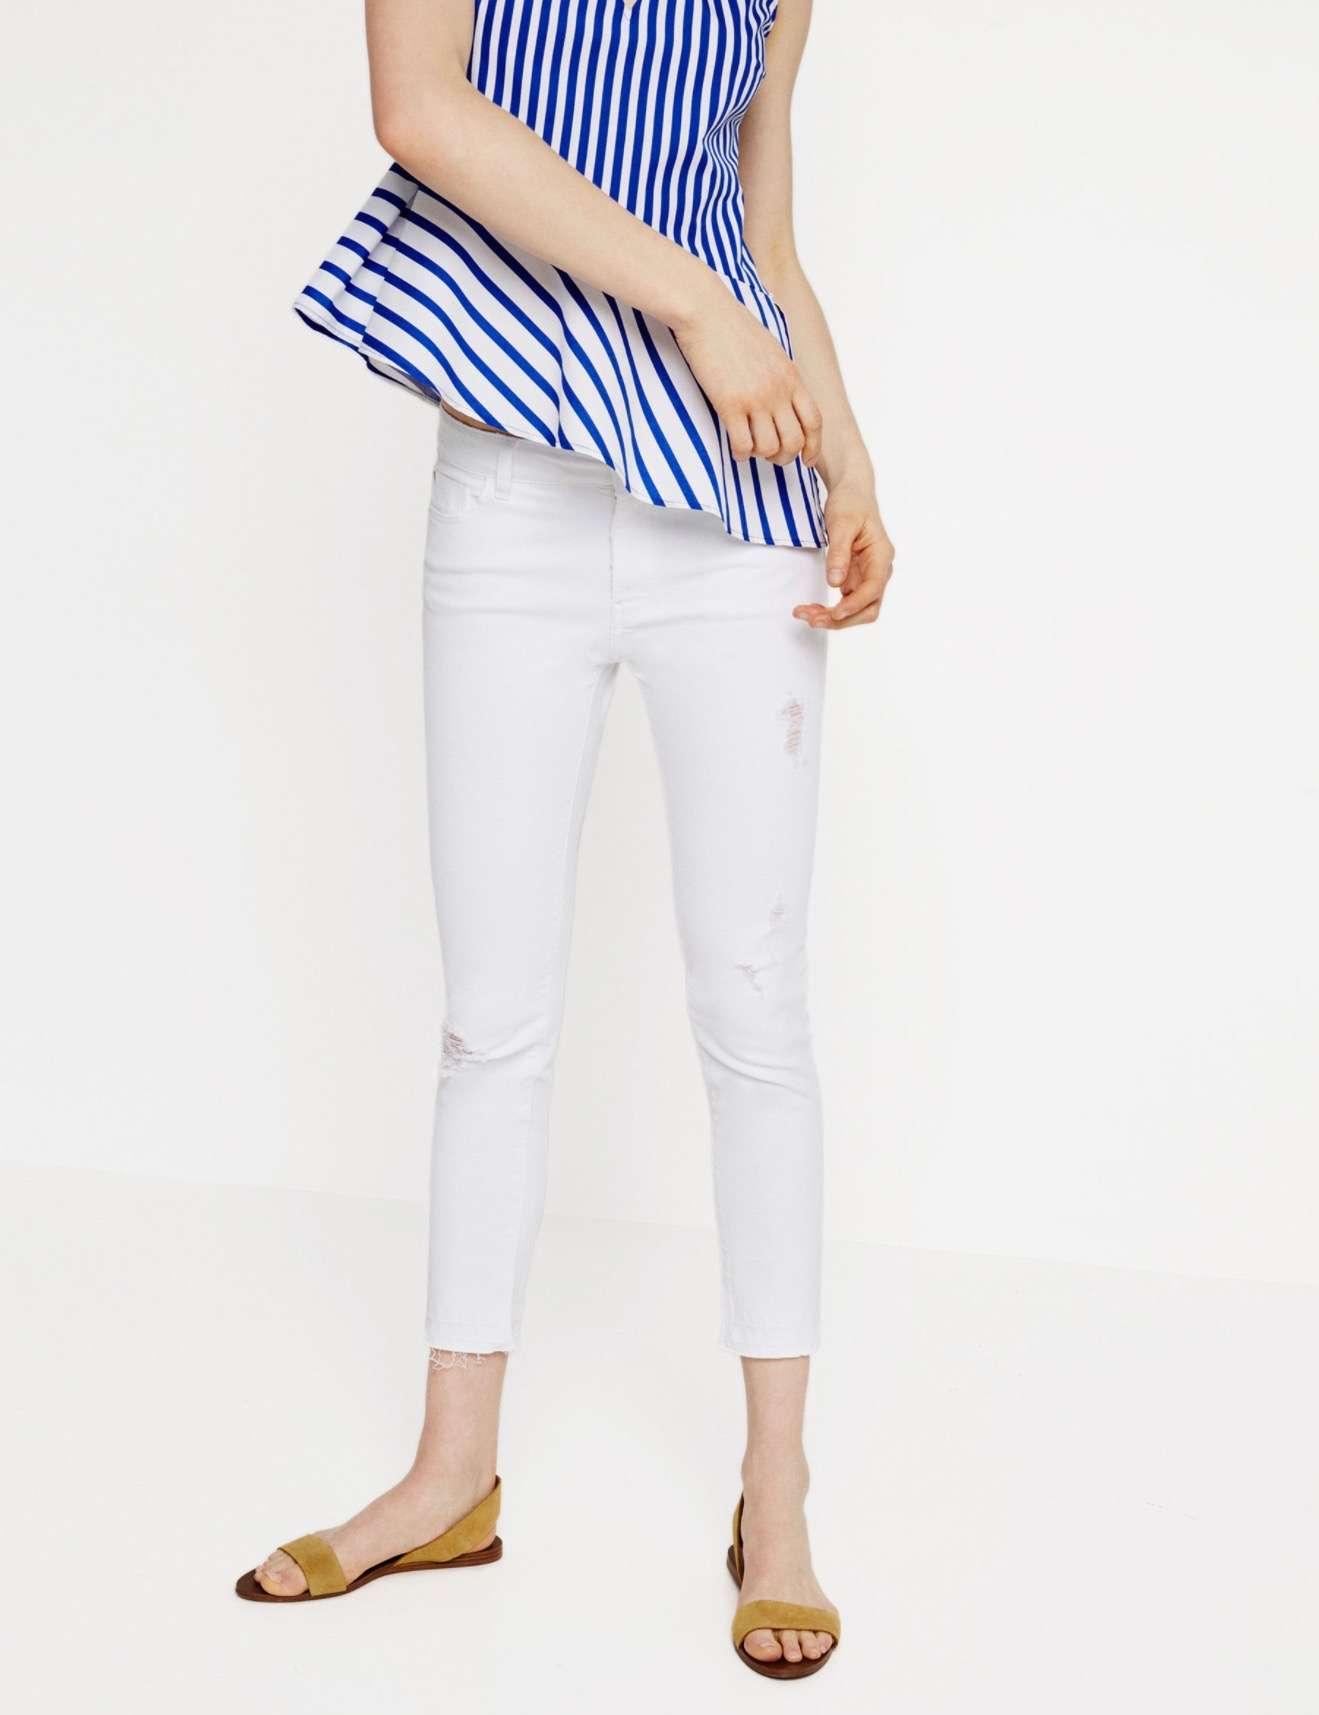 imprescindibles de moda - jeans